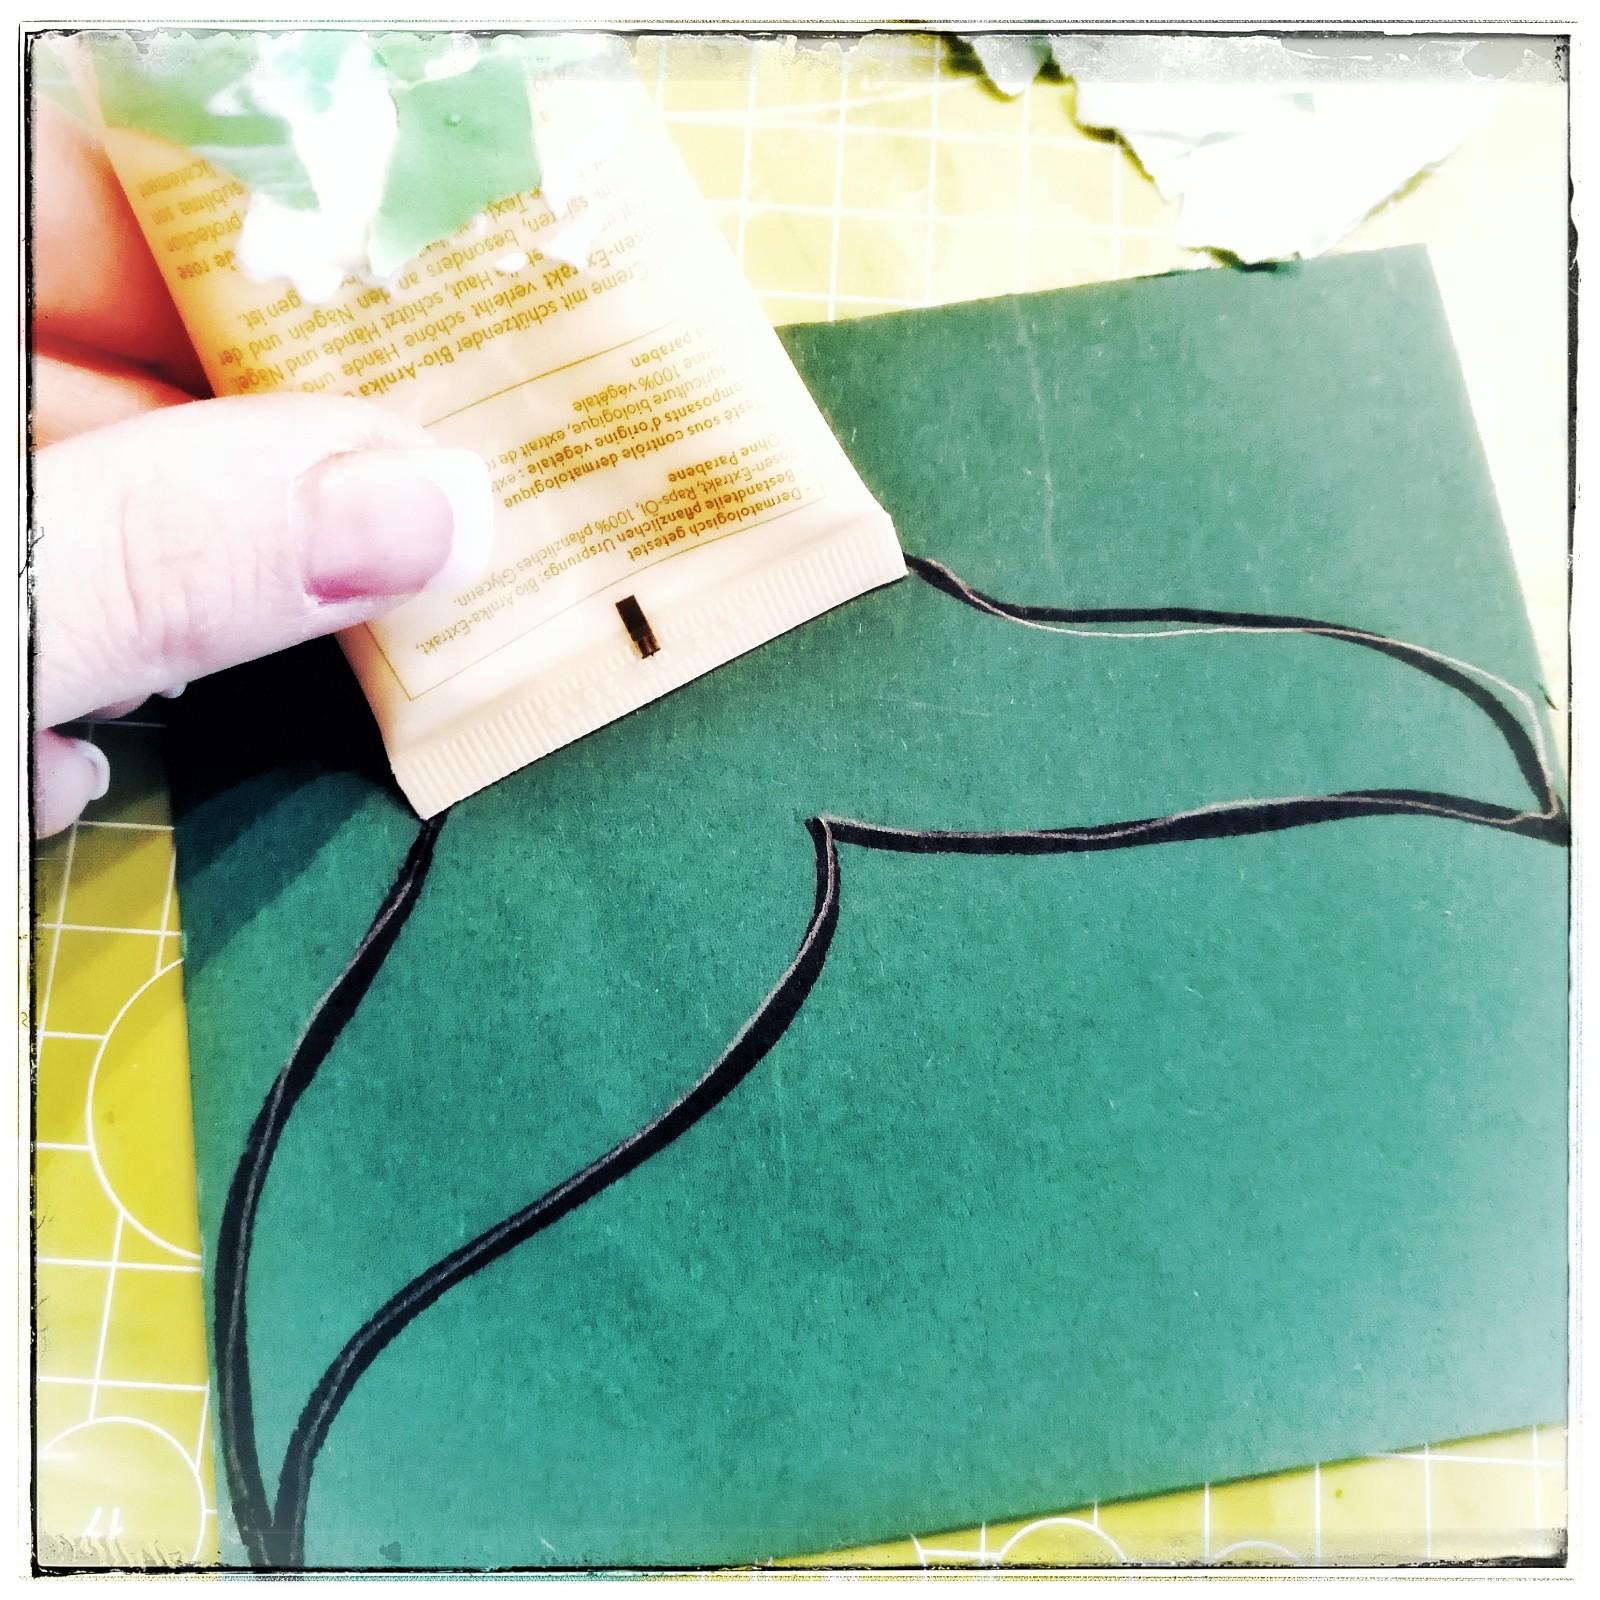 DIY Arielle - basteln mit alten Cremetuben - von knall bis bunt